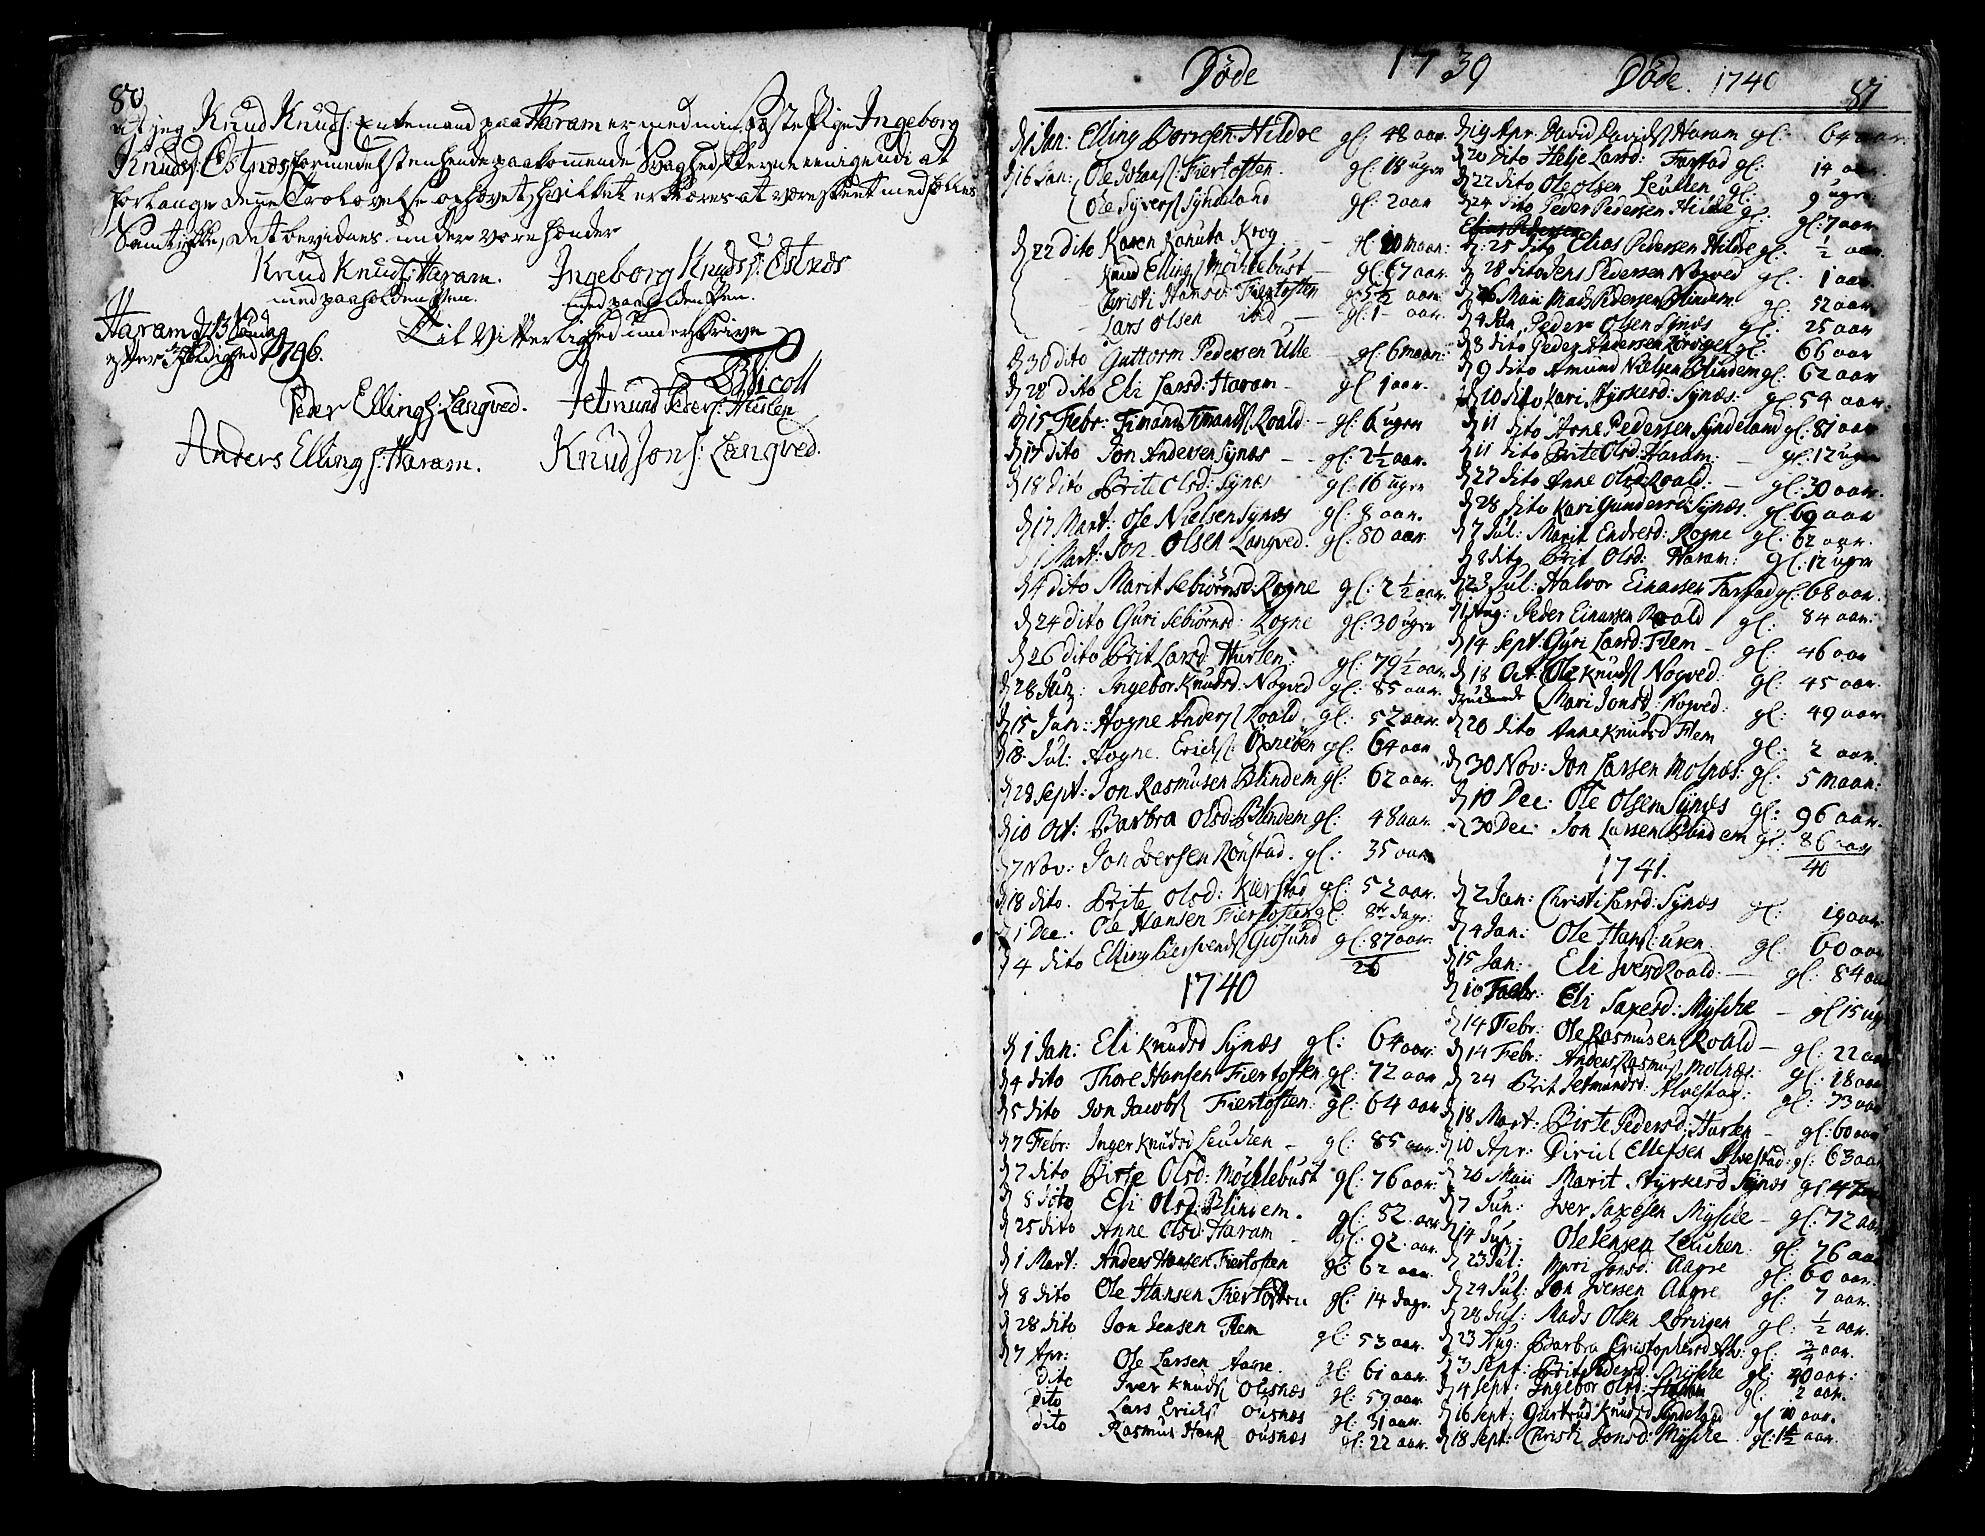 SAT, Ministerialprotokoller, klokkerbøker og fødselsregistre - Møre og Romsdal, 536/L0493: Ministerialbok nr. 536A02, 1739-1802, s. 80-81